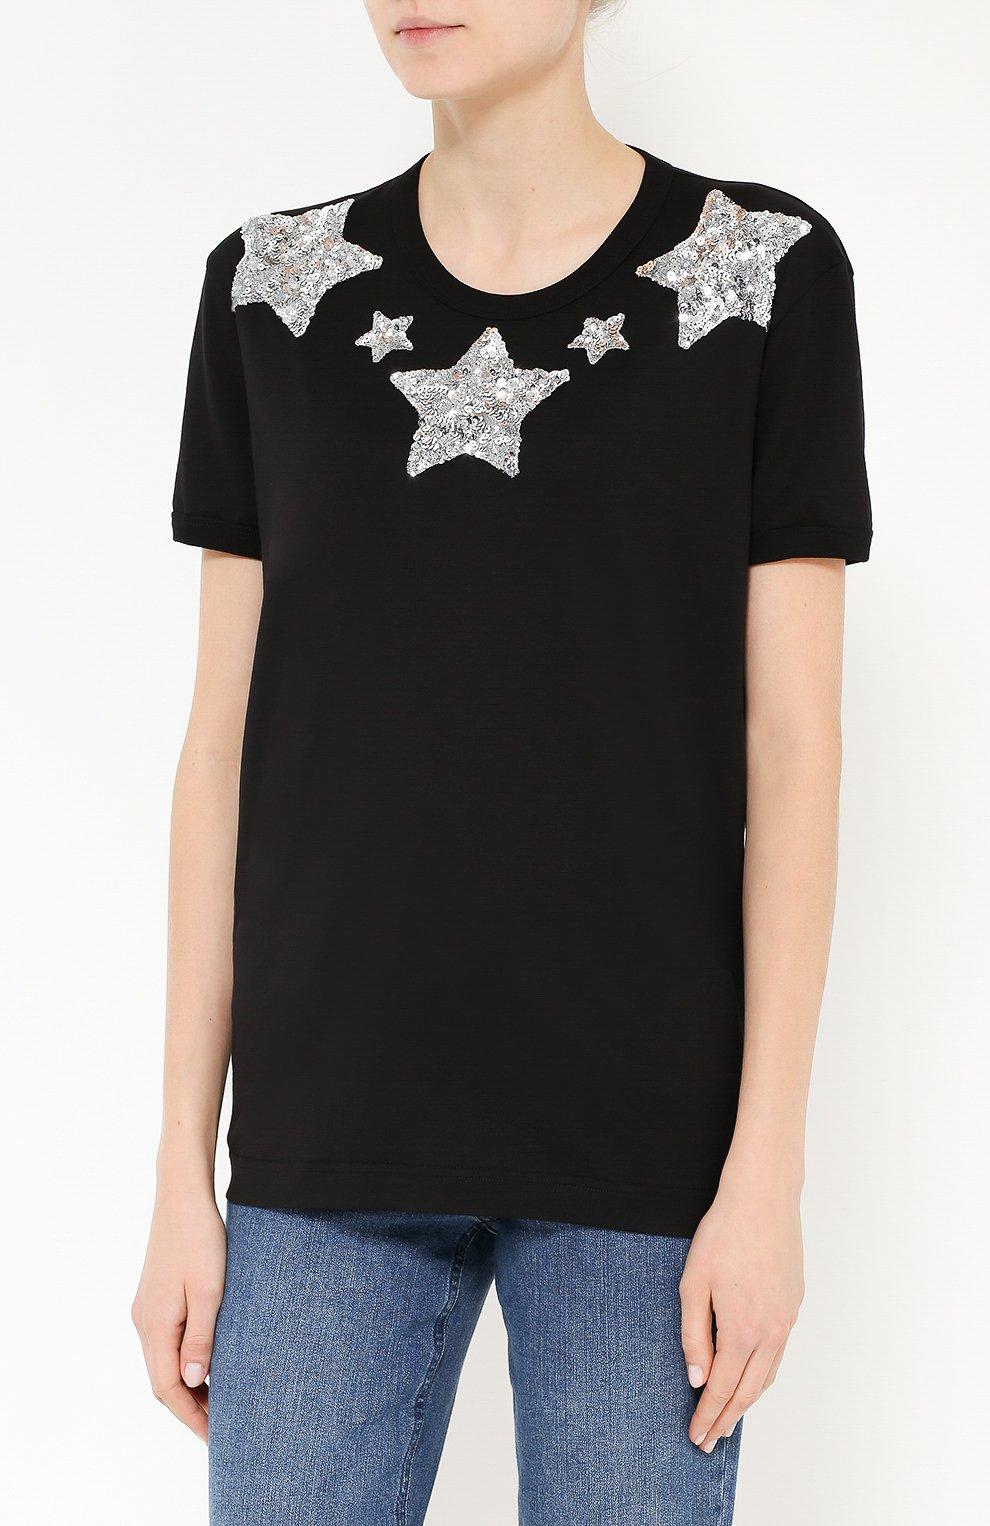 Хлопковая футболка прямого кроя с пайетками | Фото №3